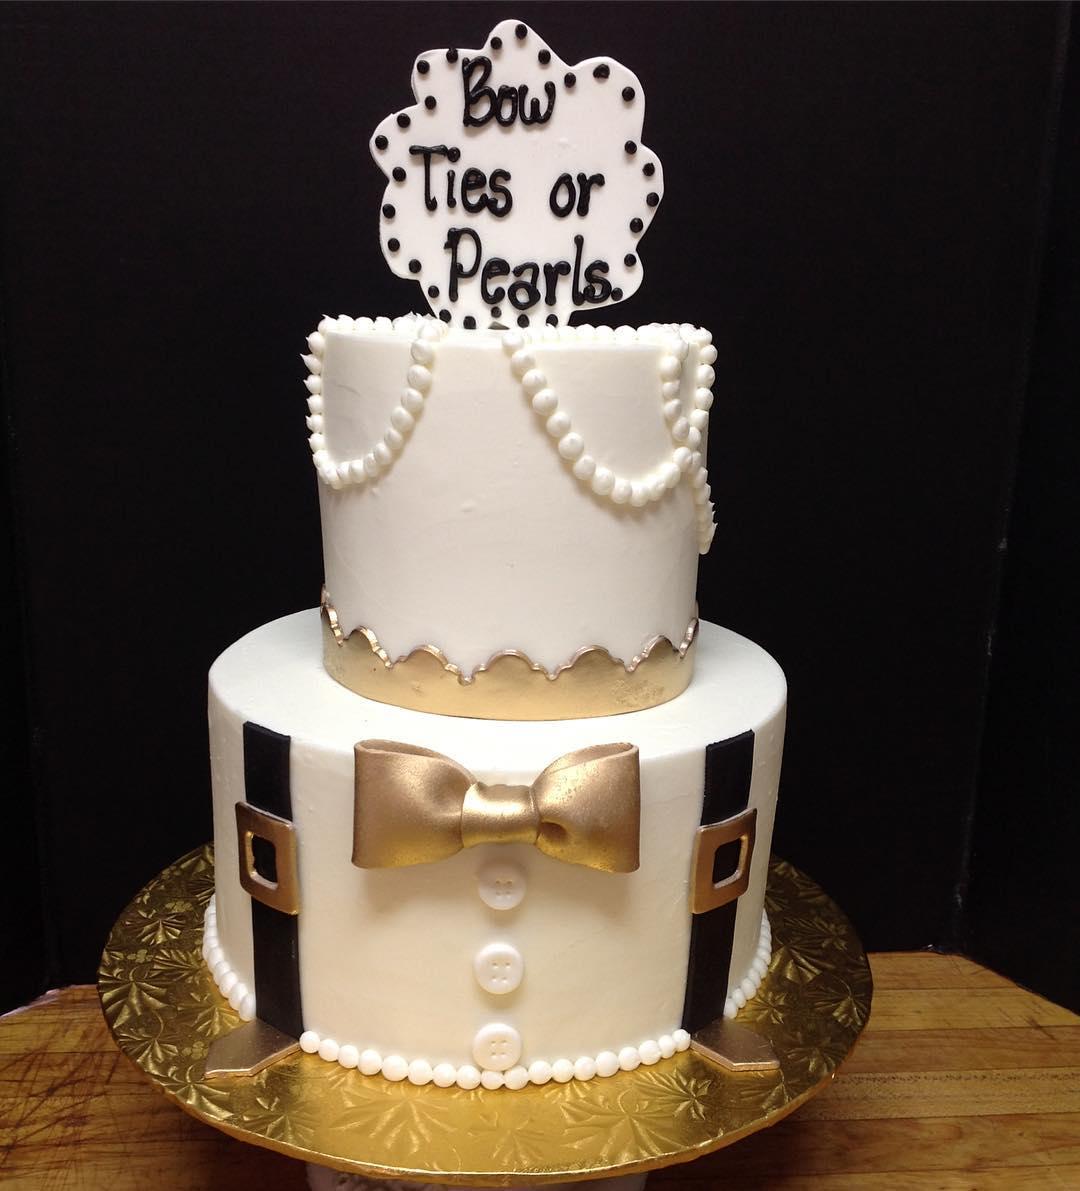 Such a cute gender reveal! #genderreveal #cakestagram #cakesofinstagram